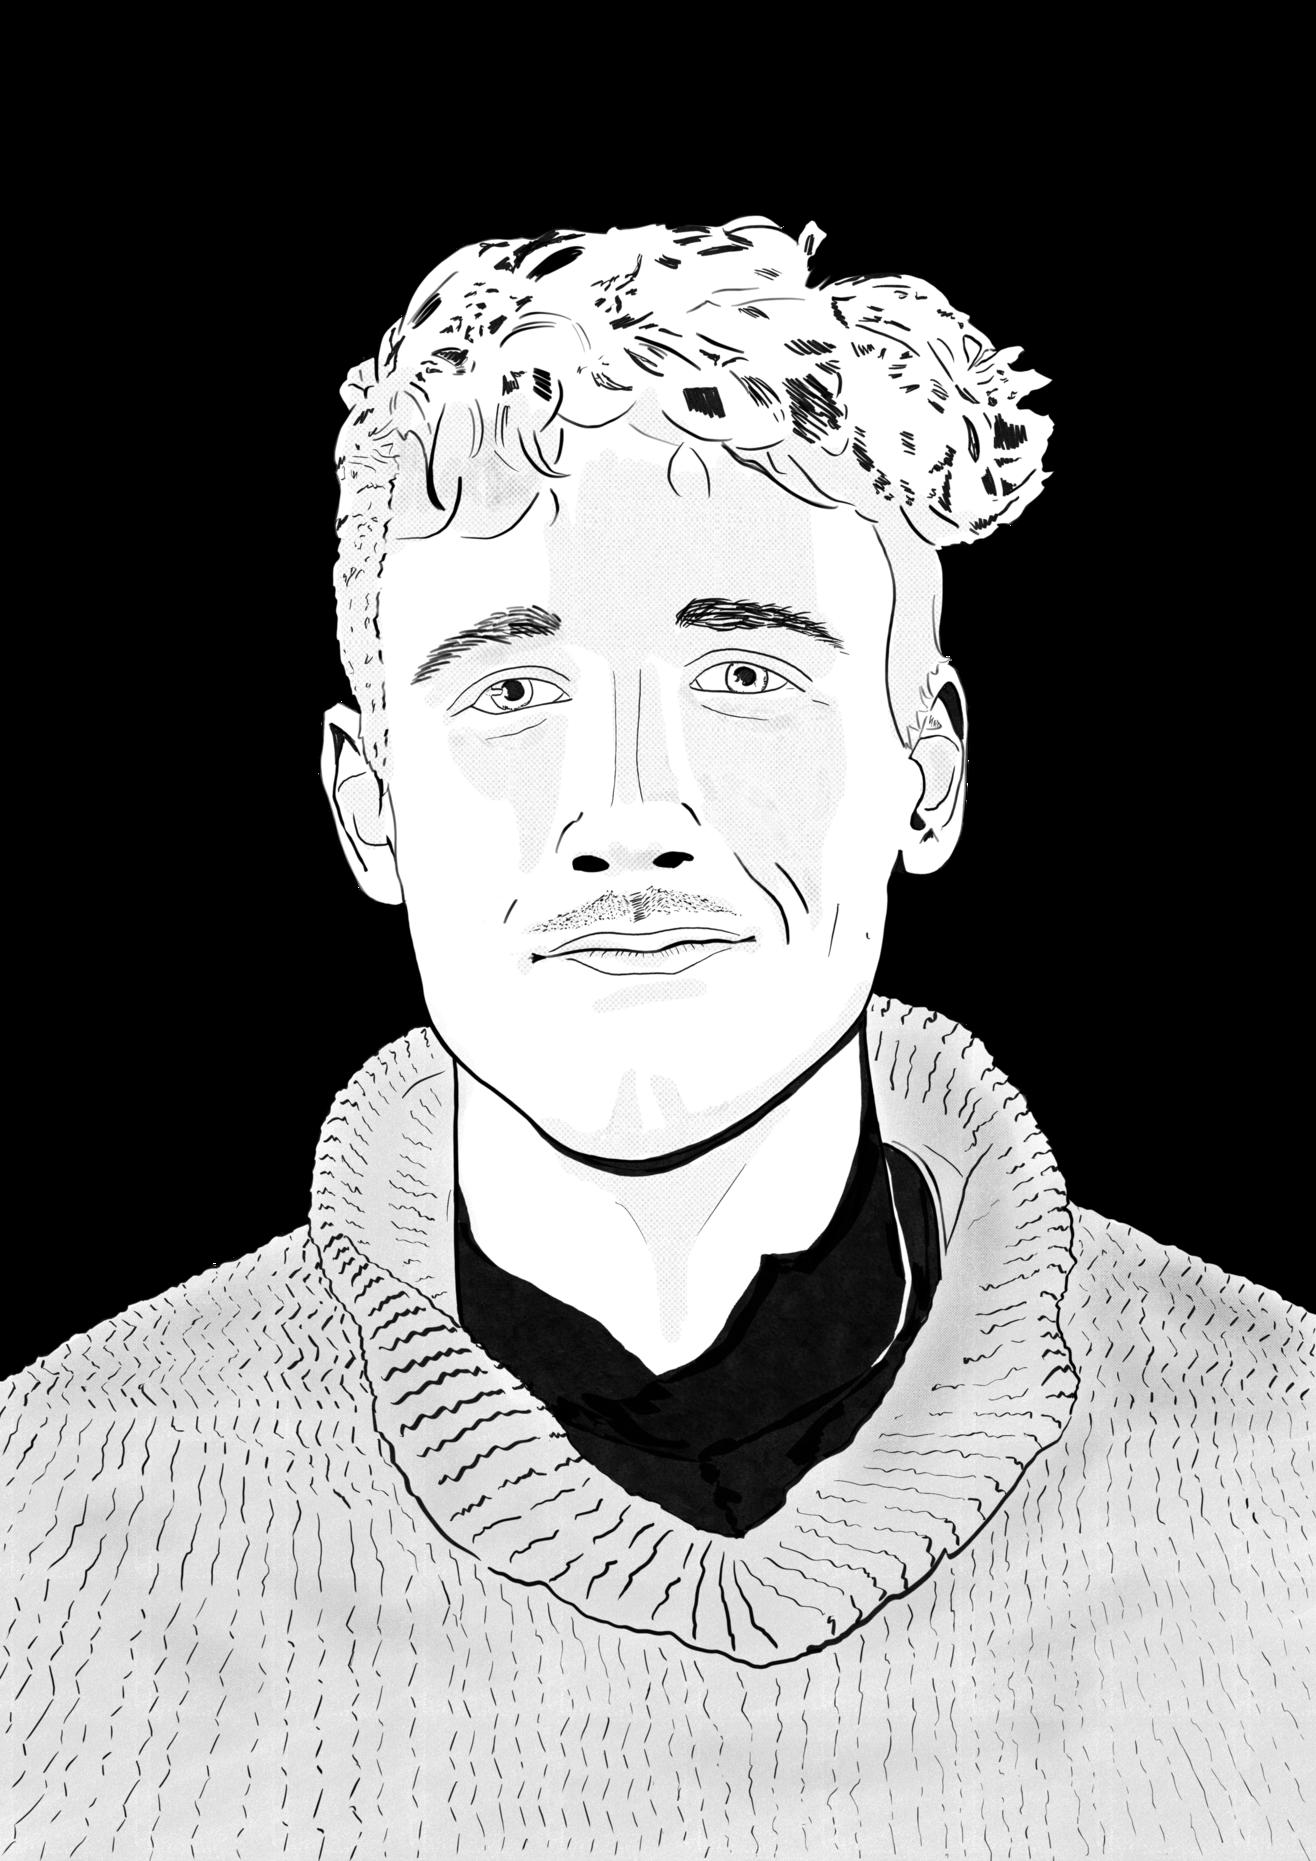 Eine schwarz-weiß Skizze von Lukas Madl.